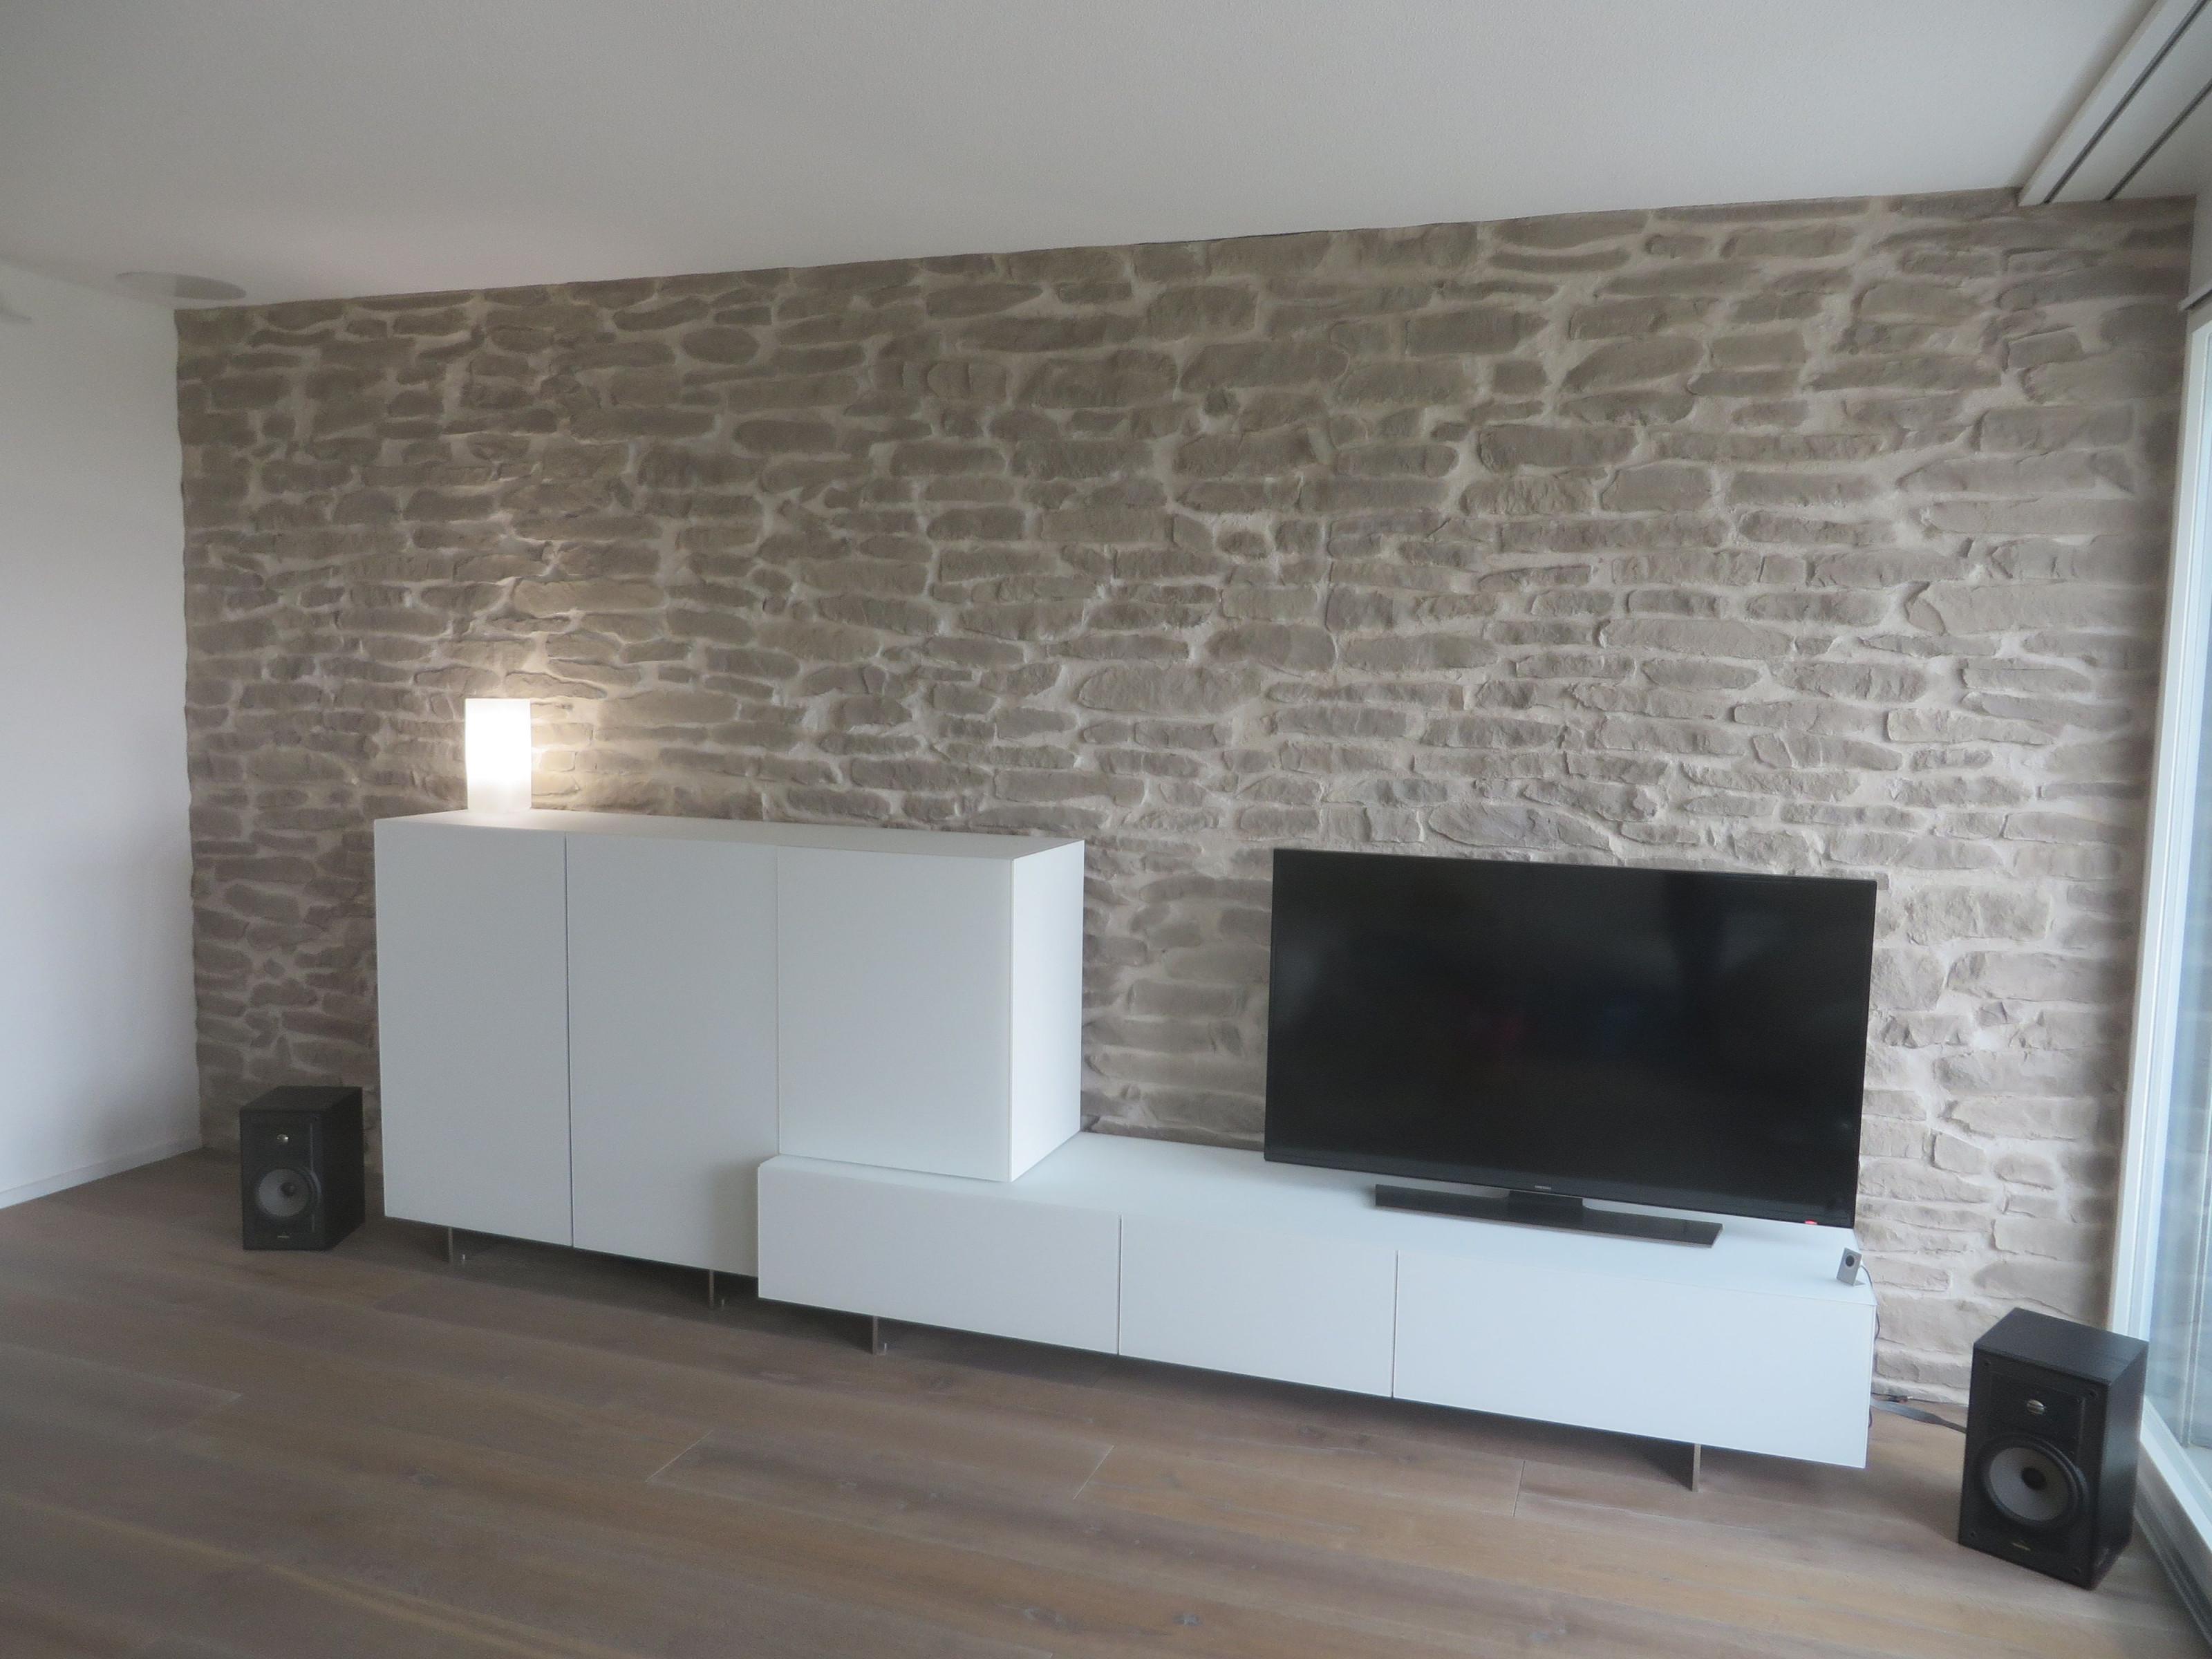 Wohnzimmerwand Steinoptik Lajas  Wandgestaltung Wohnzimmer von Wohnzimmer Ideen Wandgestaltung Photo